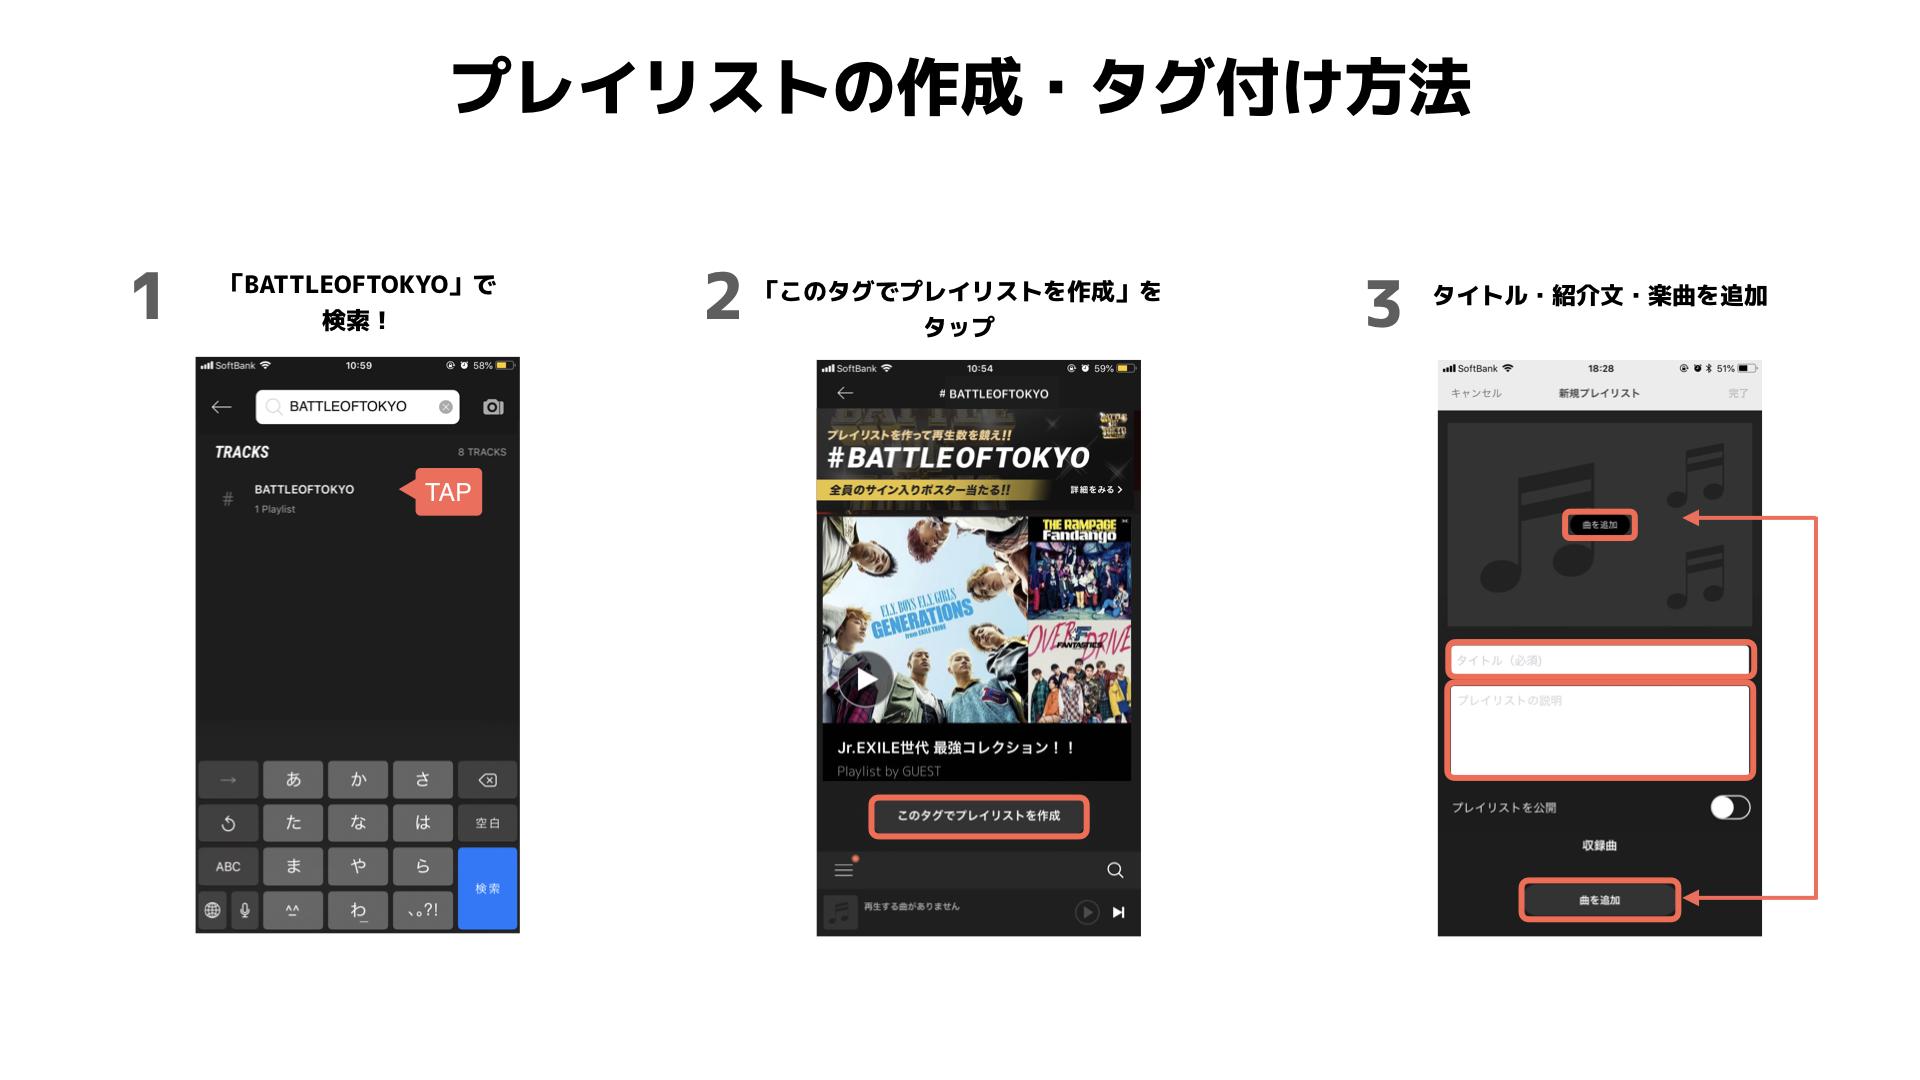 battleoftokyo_playlist.001.jpeg